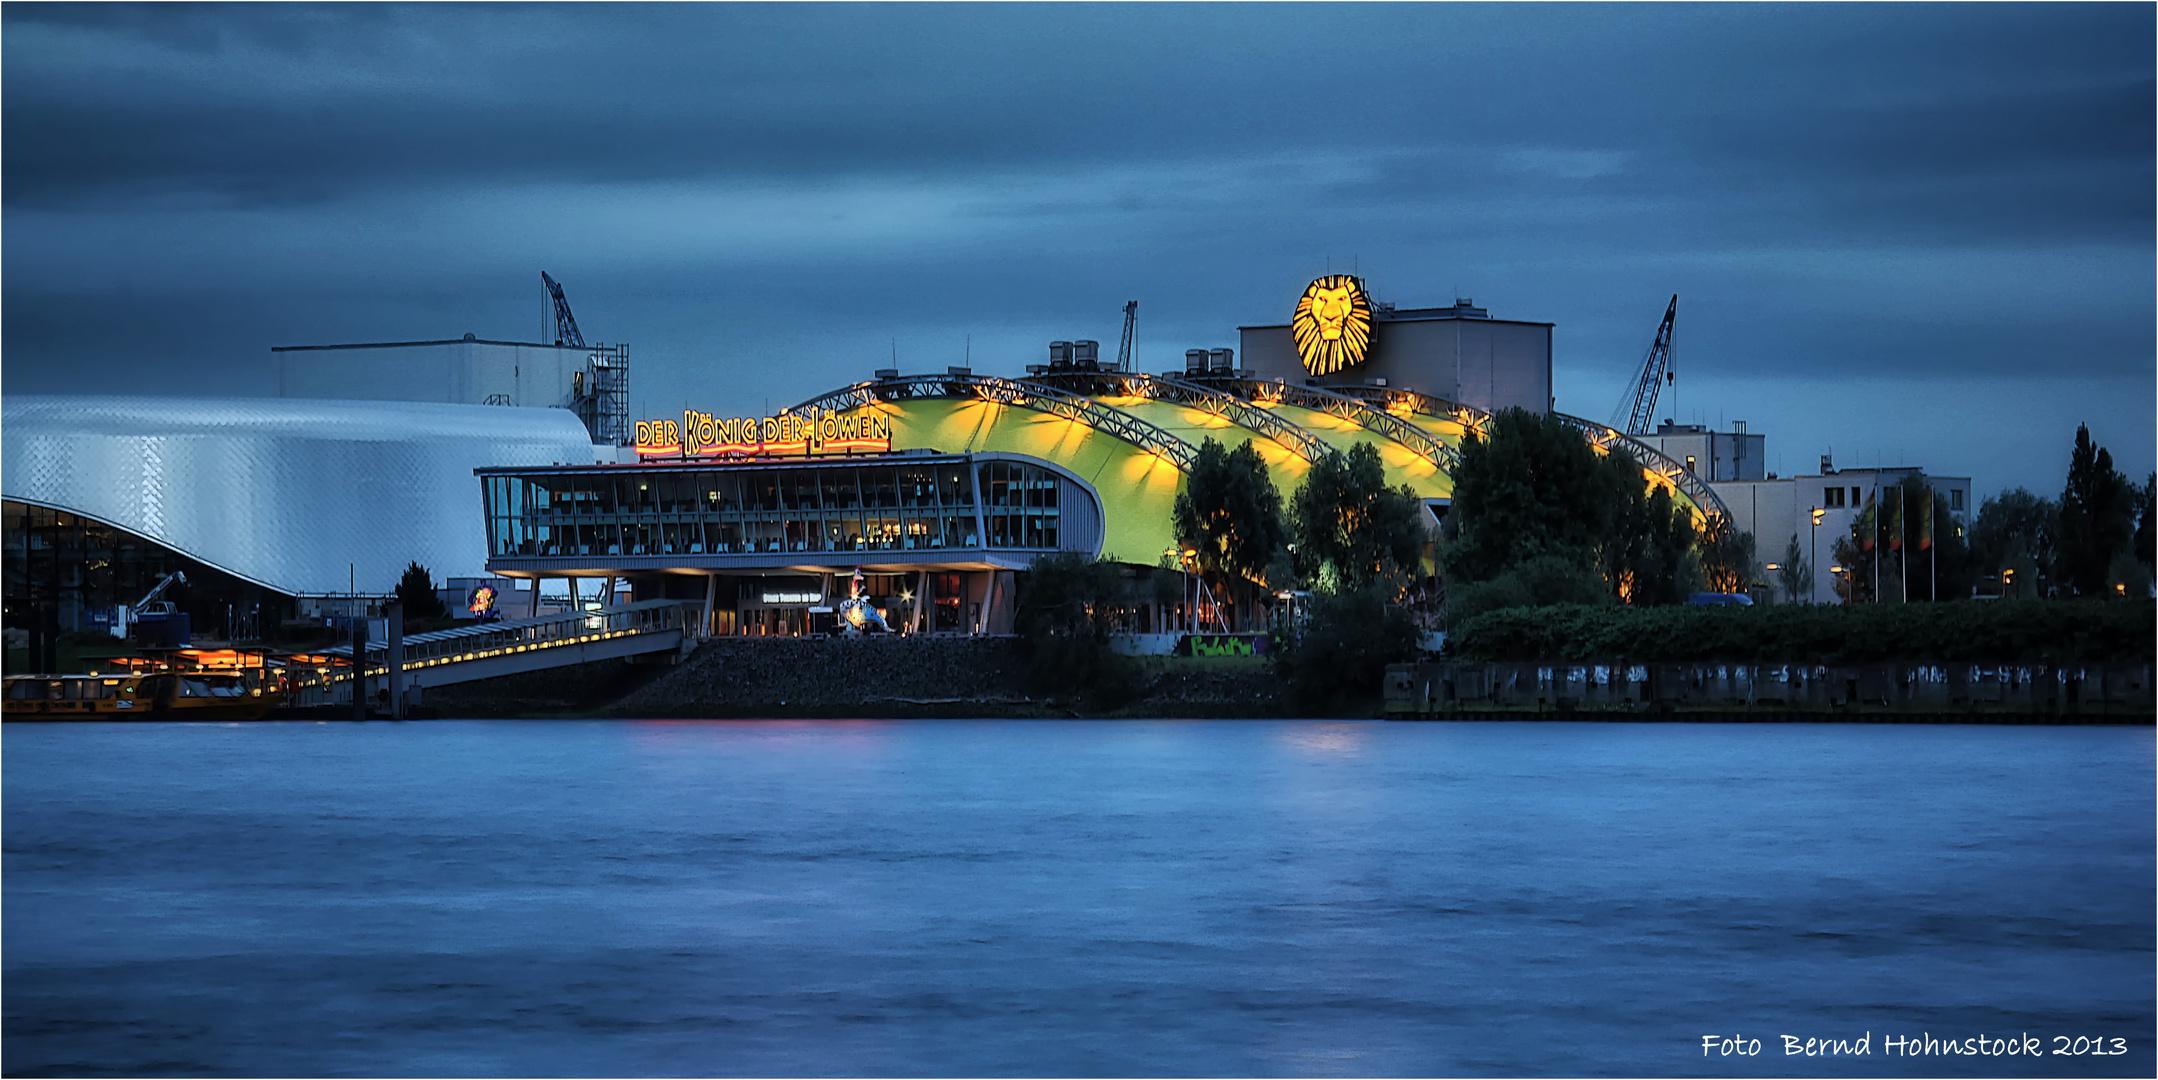 König der Löwen .... Hamburg